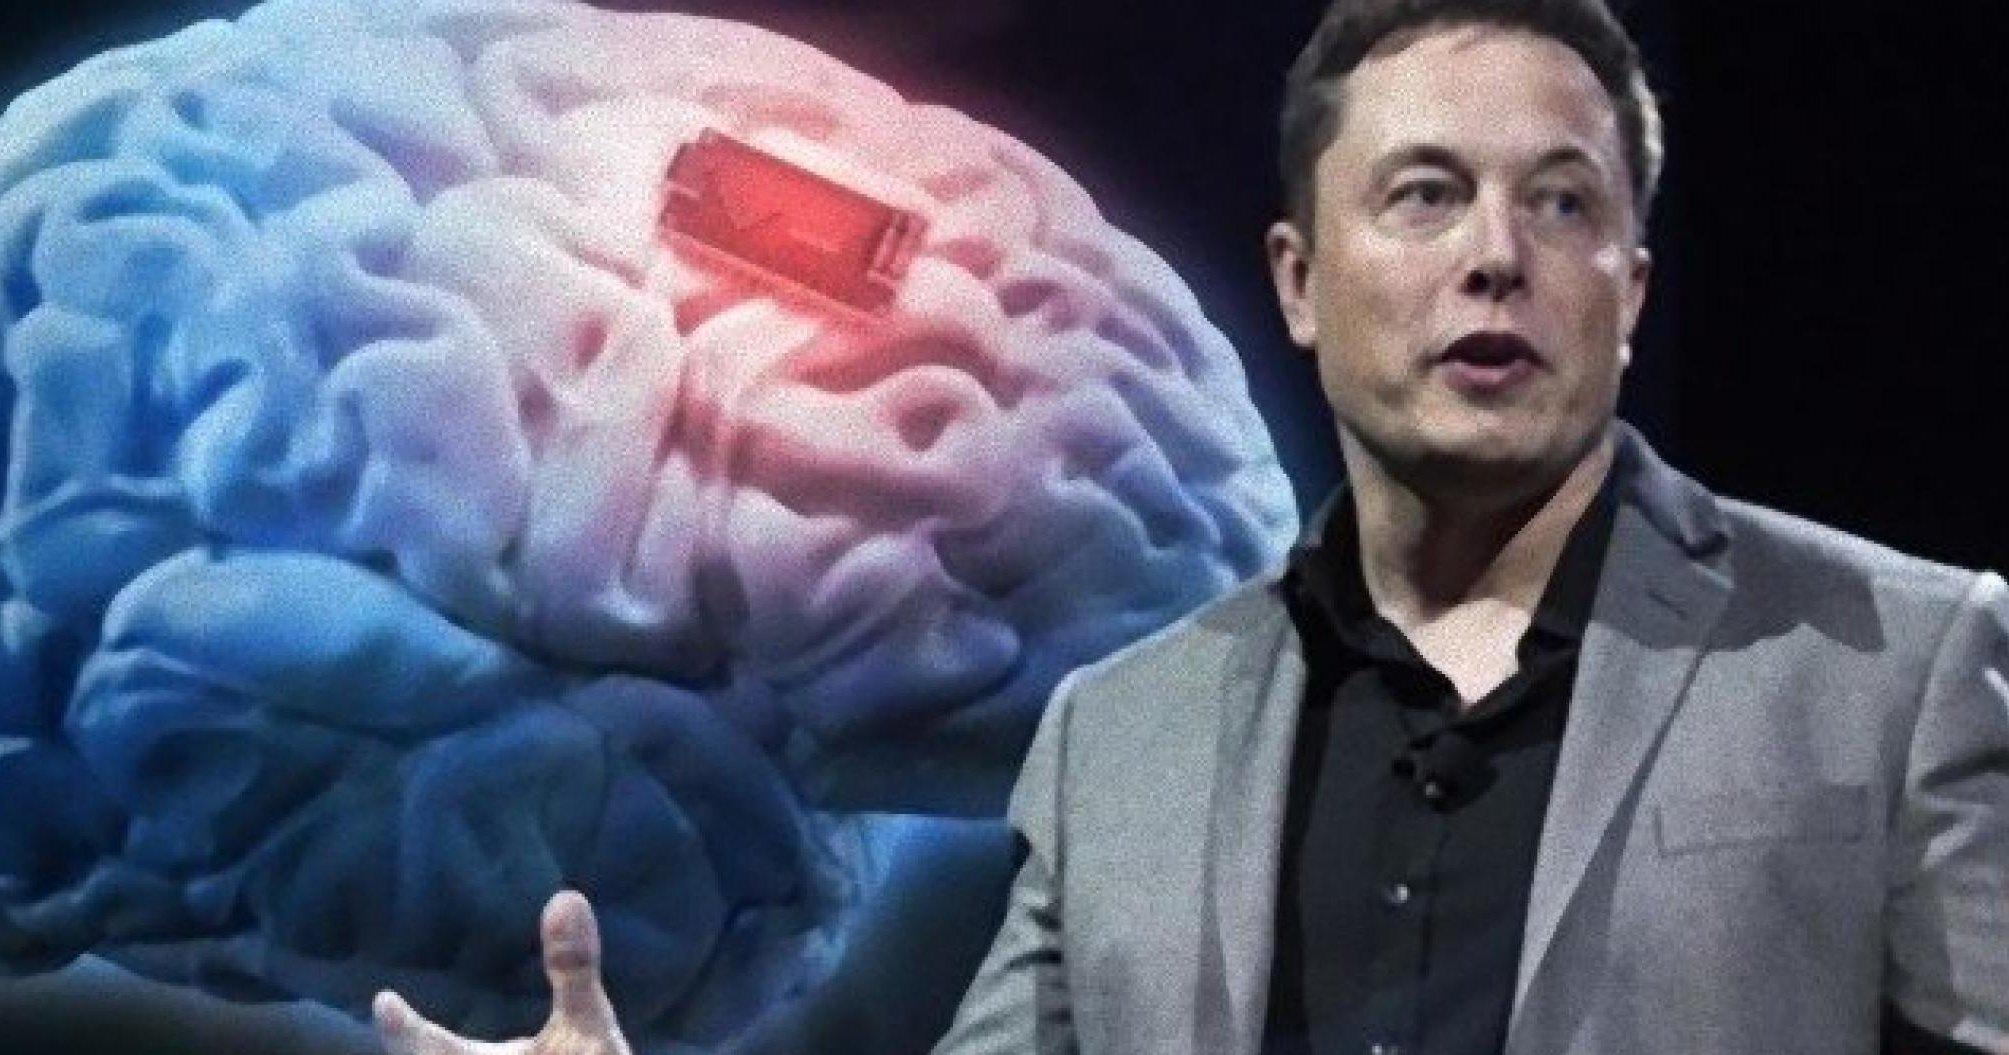 Neuralink: нейроинтерфейс для чтения мыслей и управления компьютерами